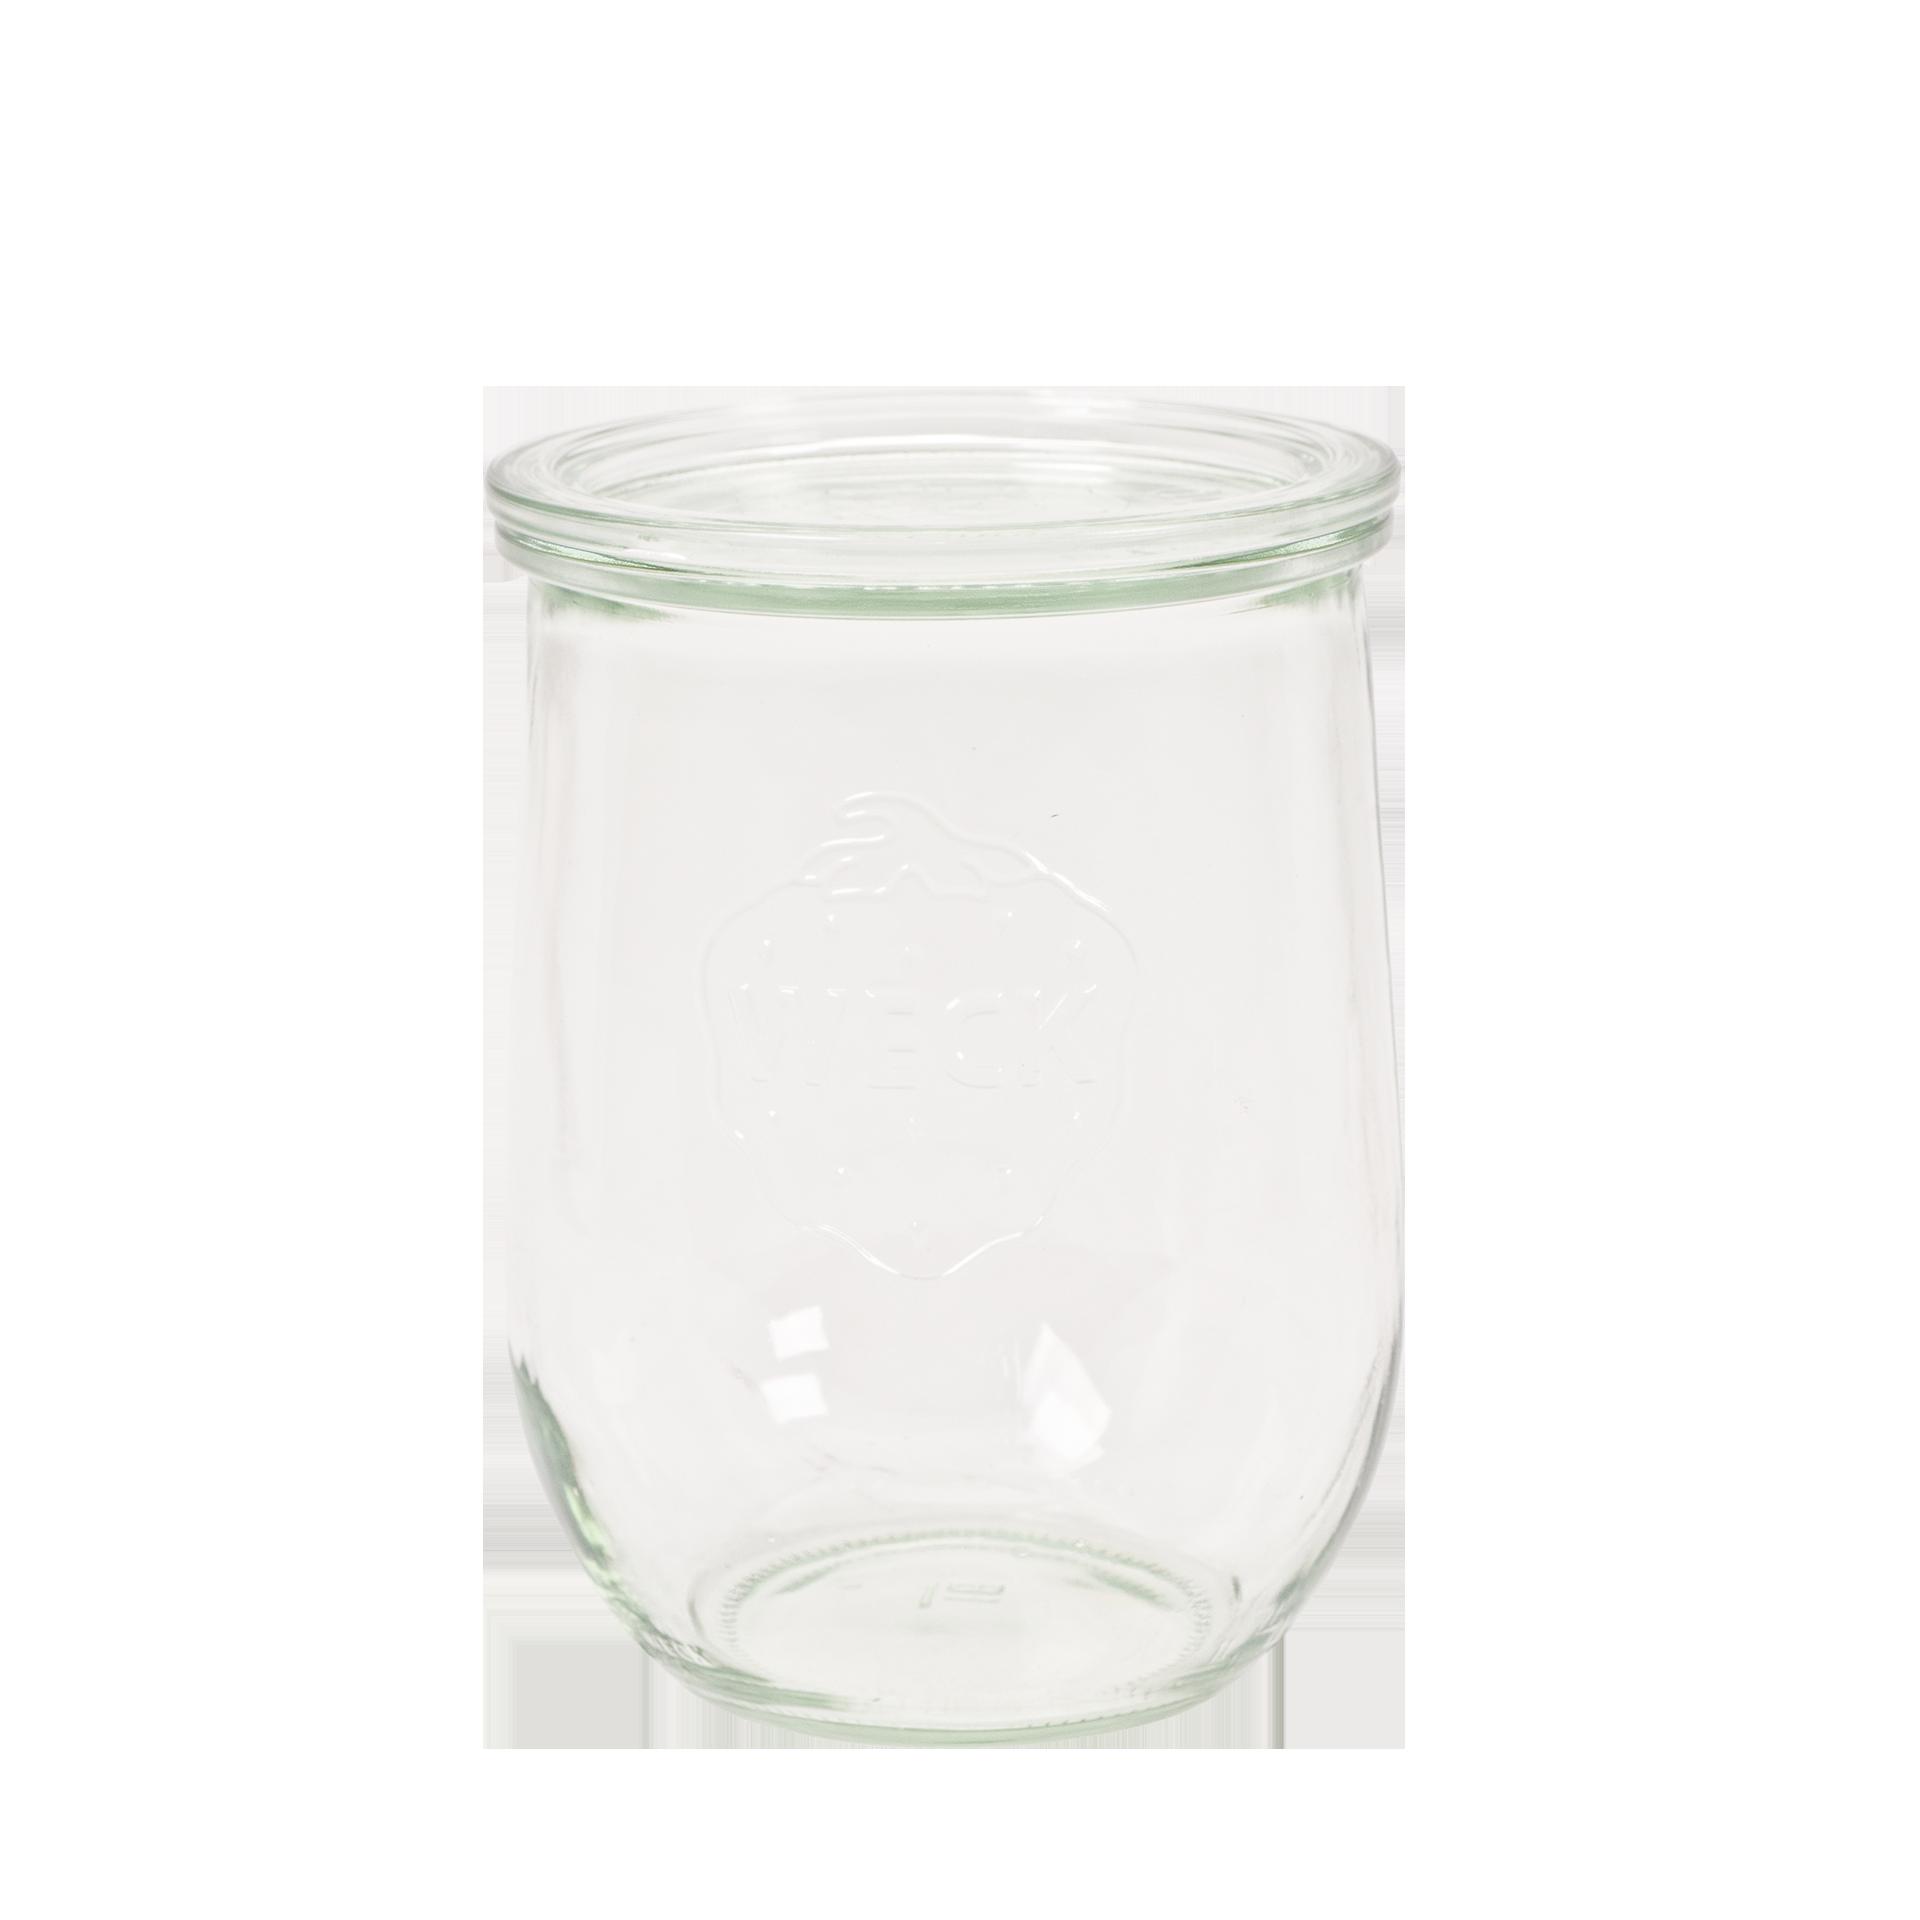 Glas-Innenbehälter für True Life Joghurtbereiter